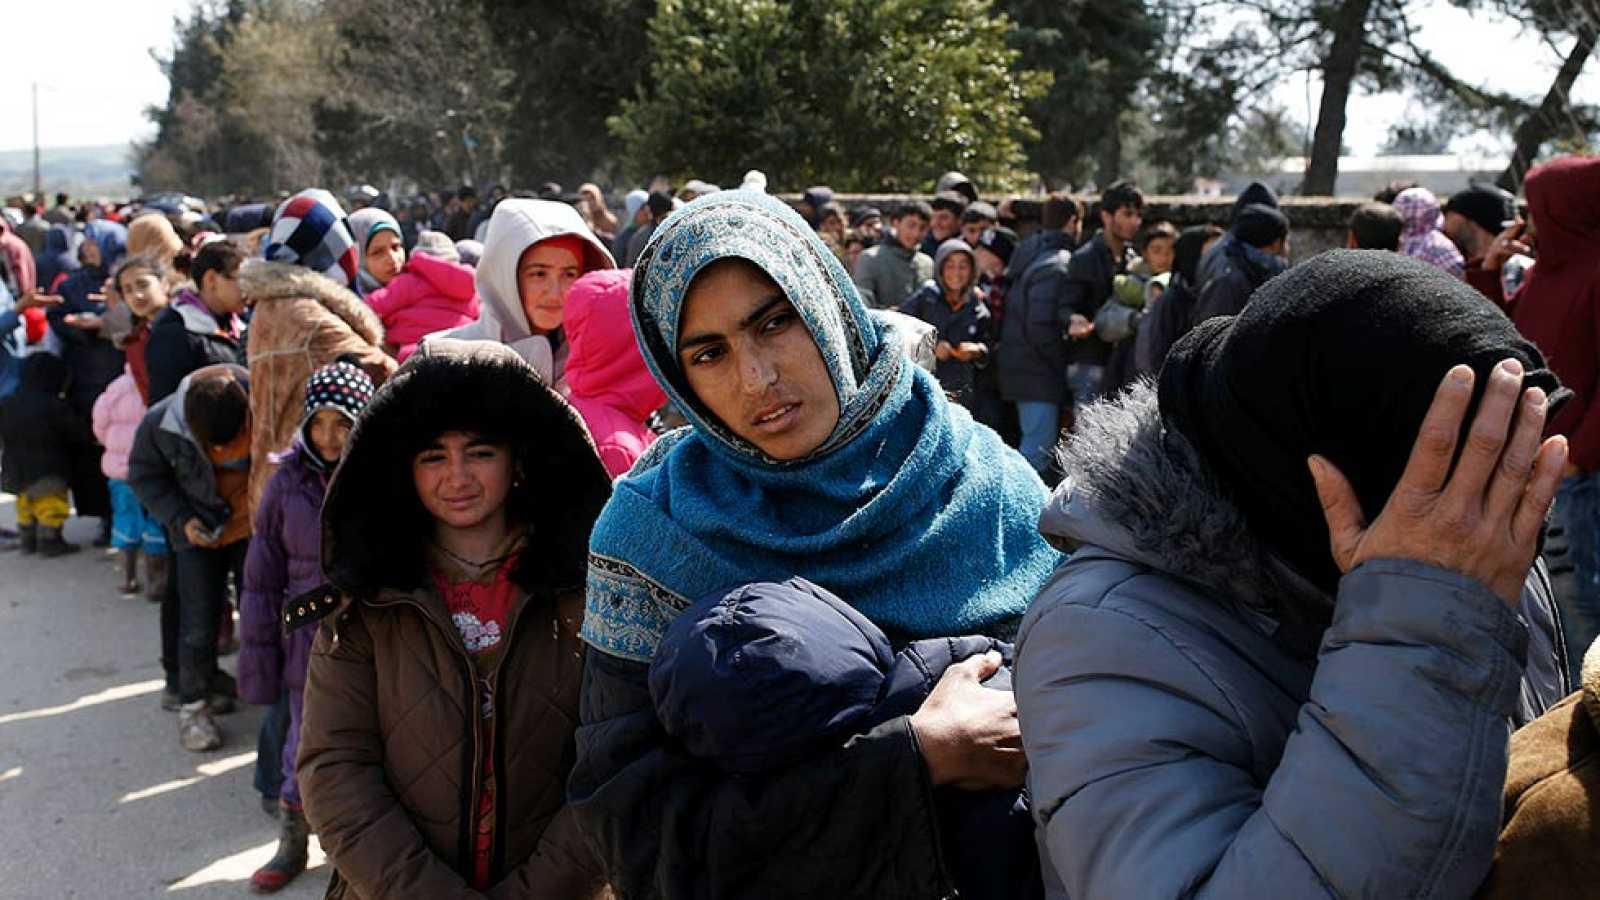 Grecia sigue evacuando a los refugiados bloqueados en Idomeni